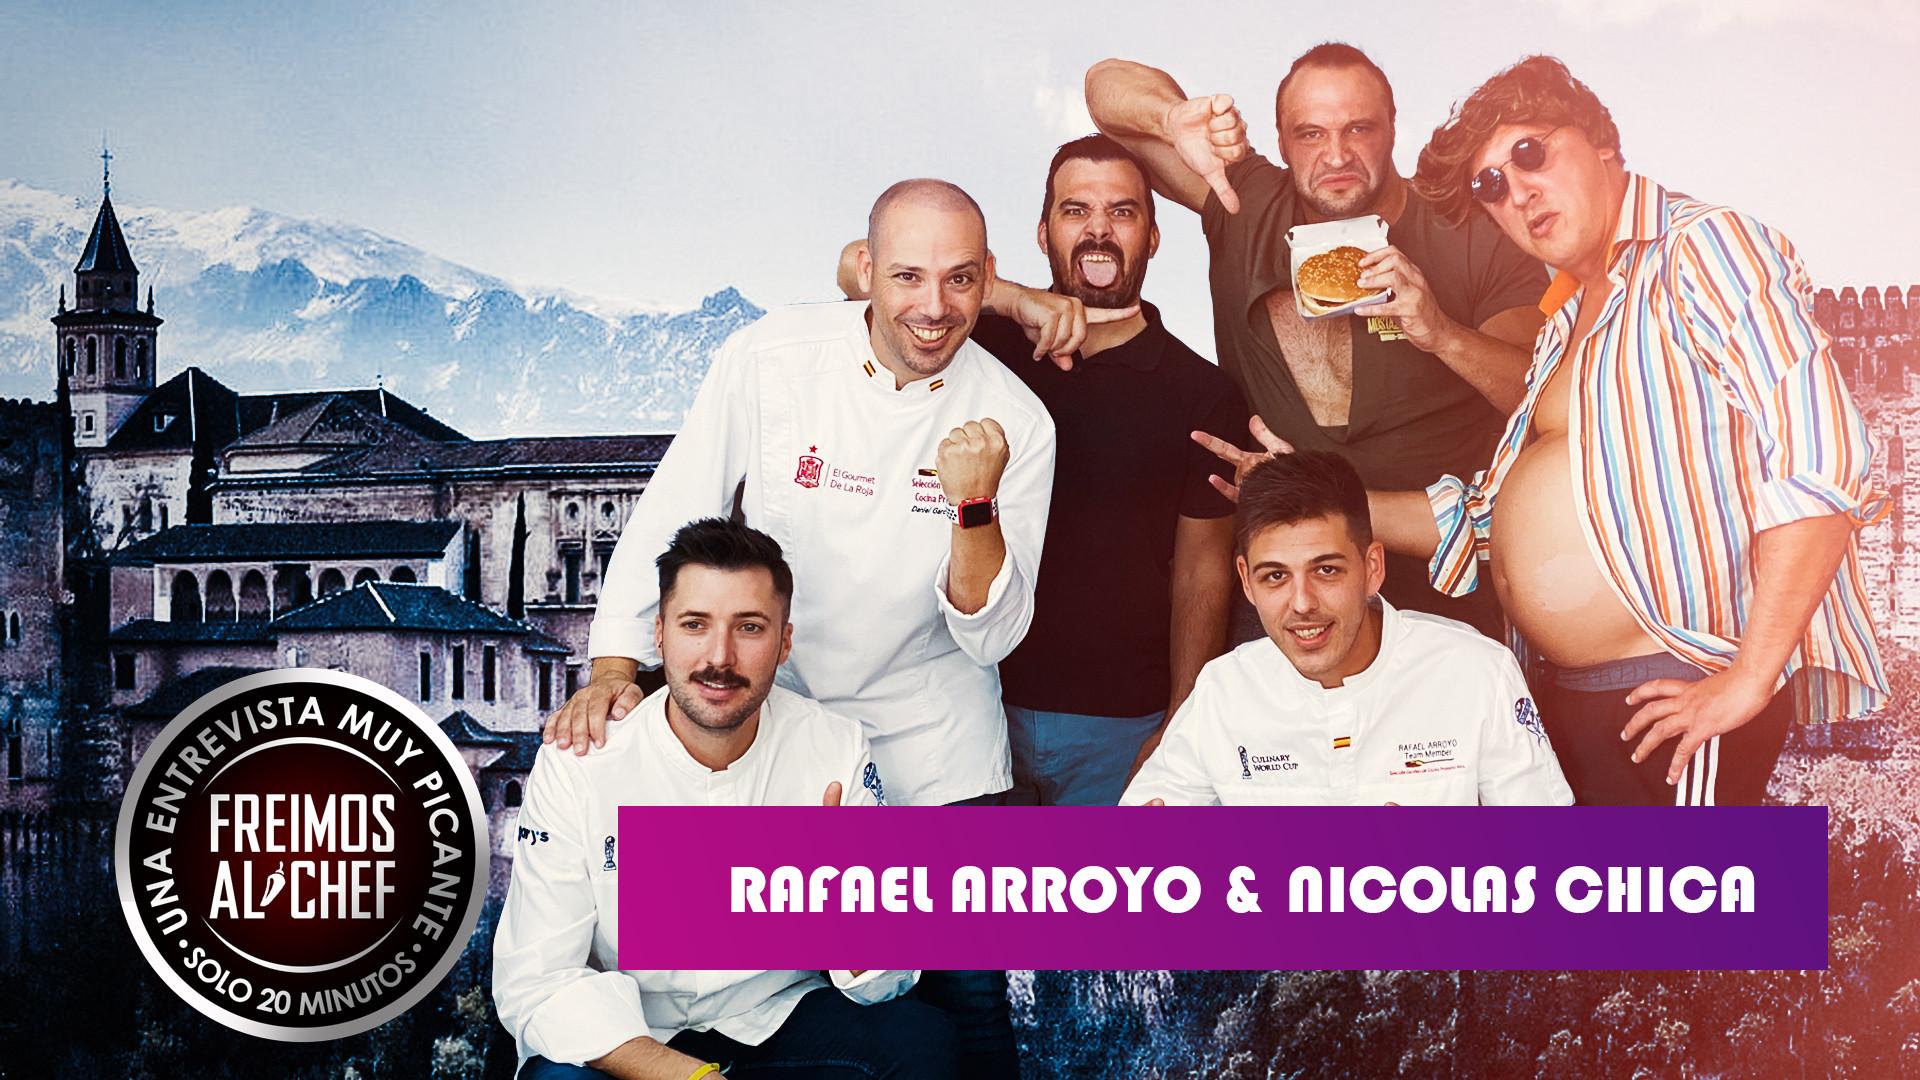 Freimos Al Chef - Rafael Arroyo, Nicolas Chica